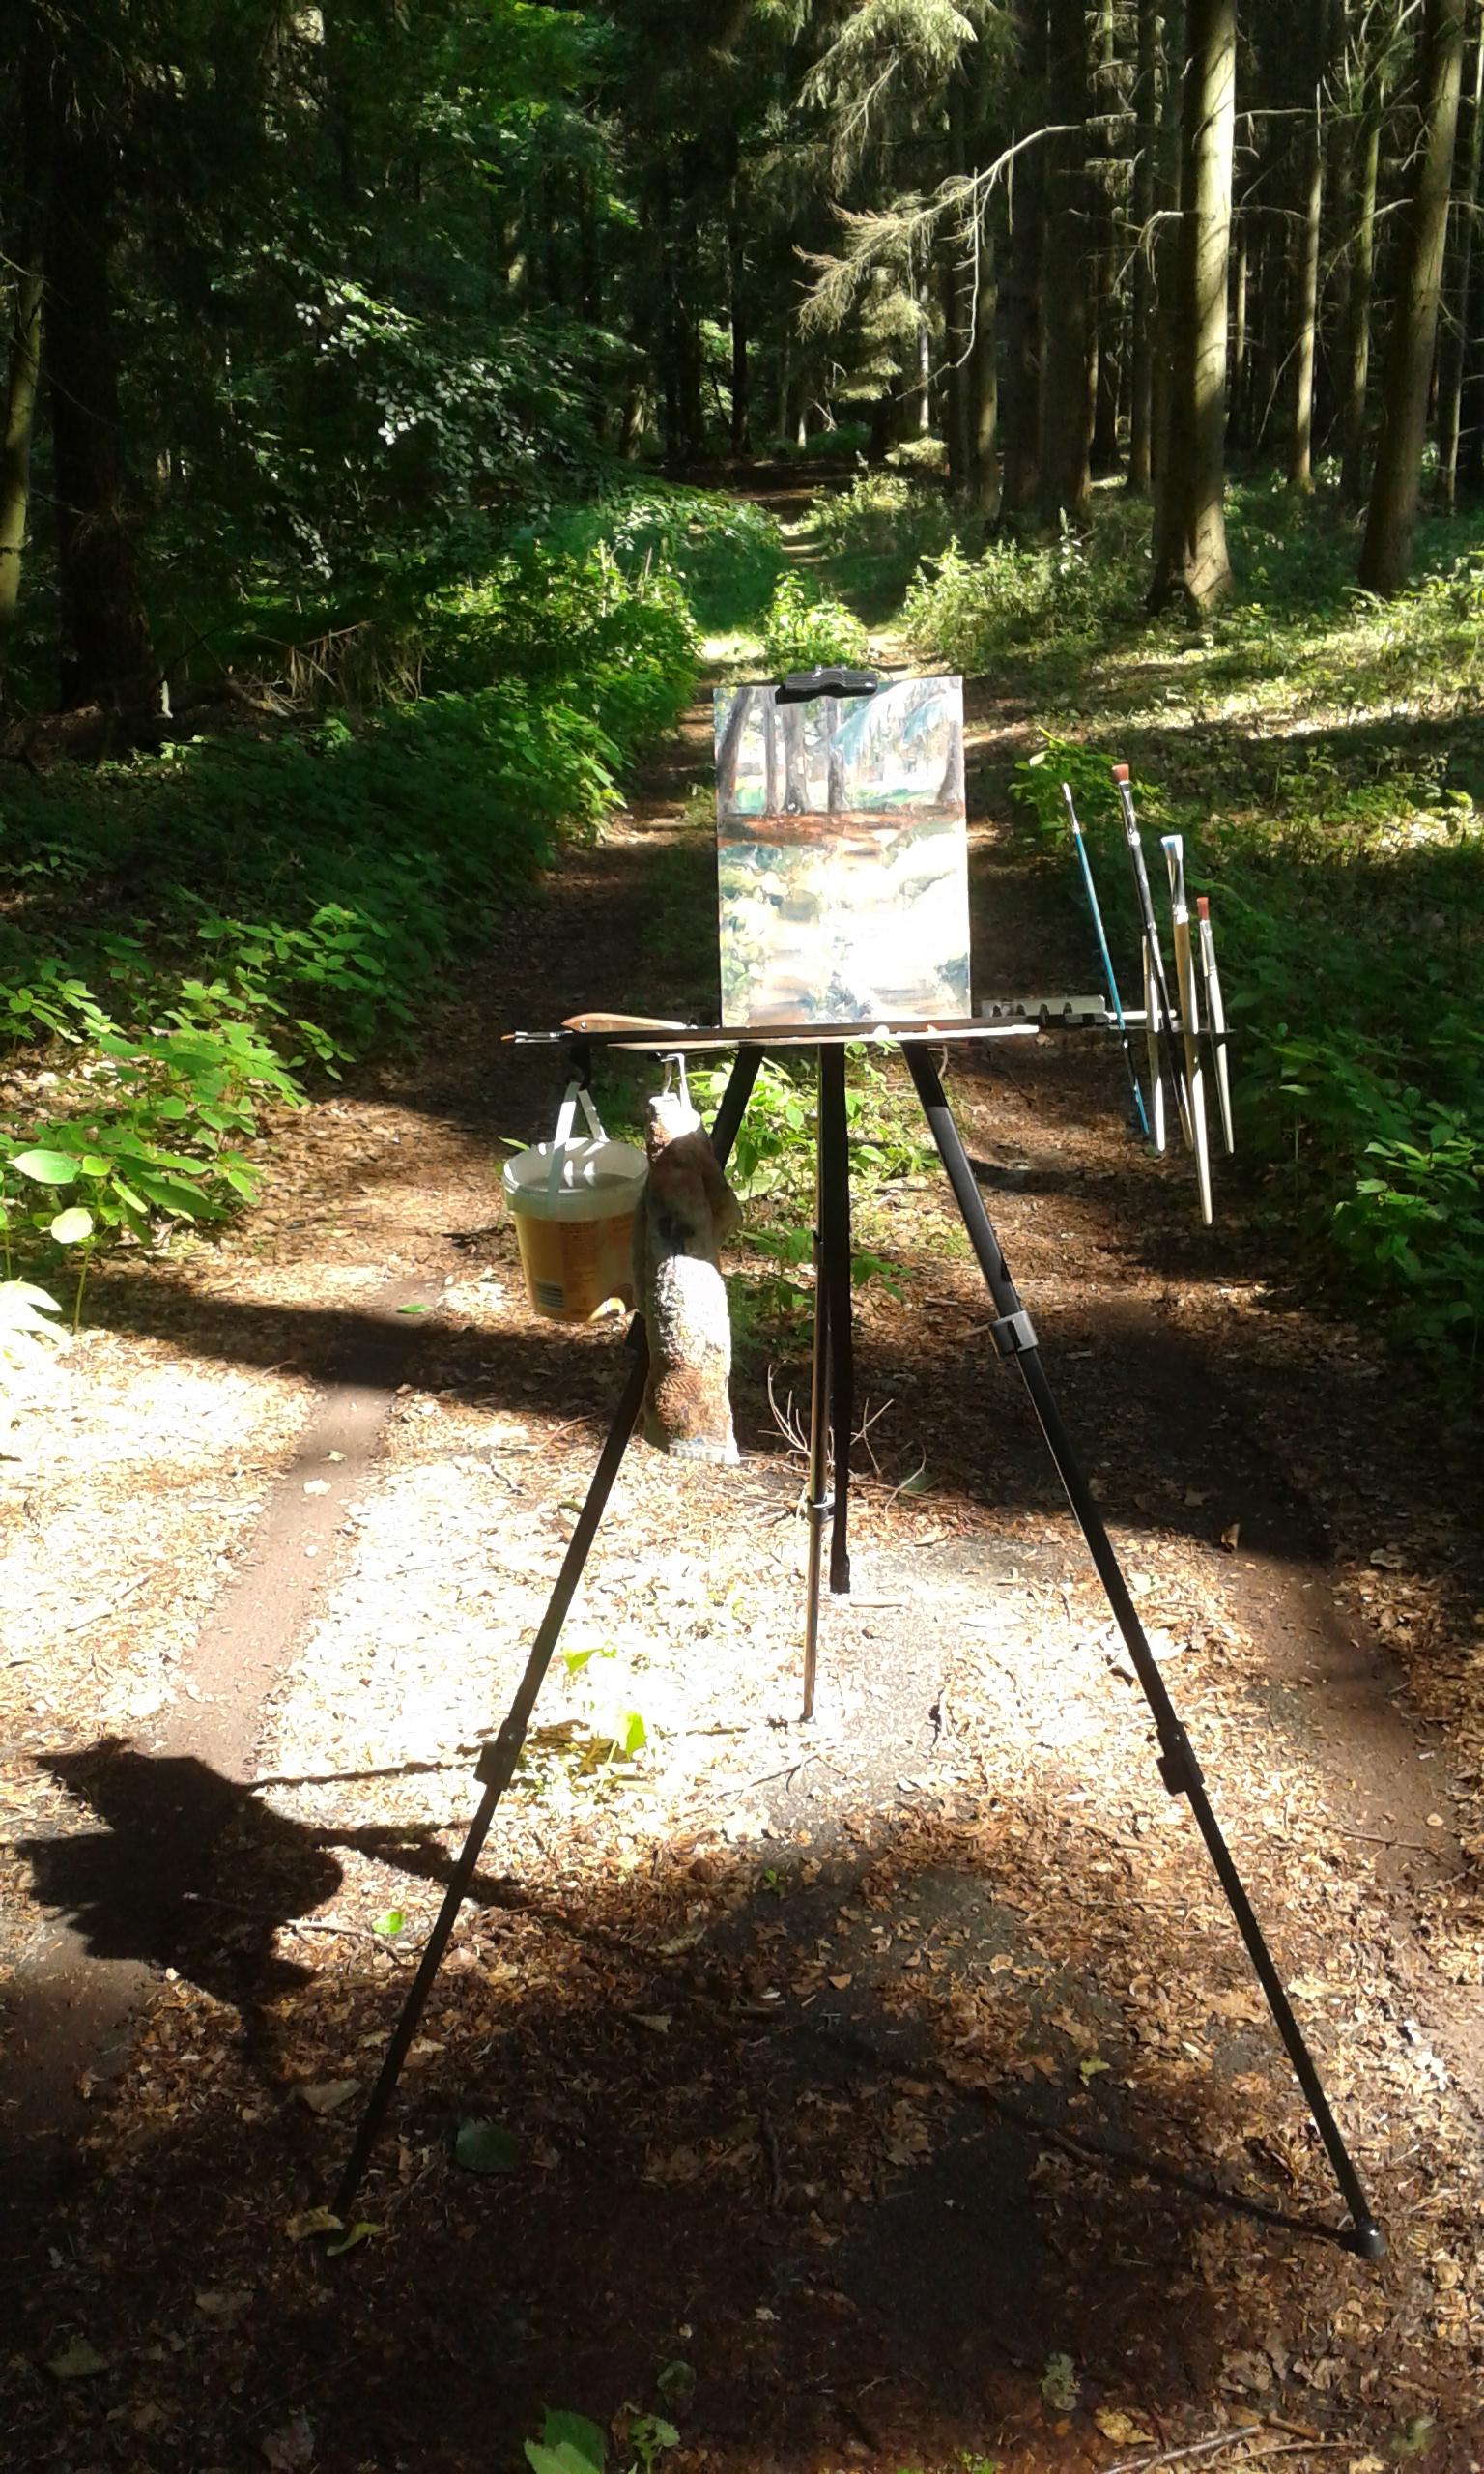 Meine Staffelei; zum Schluss stand ich nicht mehr im Schatten. My set-up. The shadow moved away from me unfortunately.